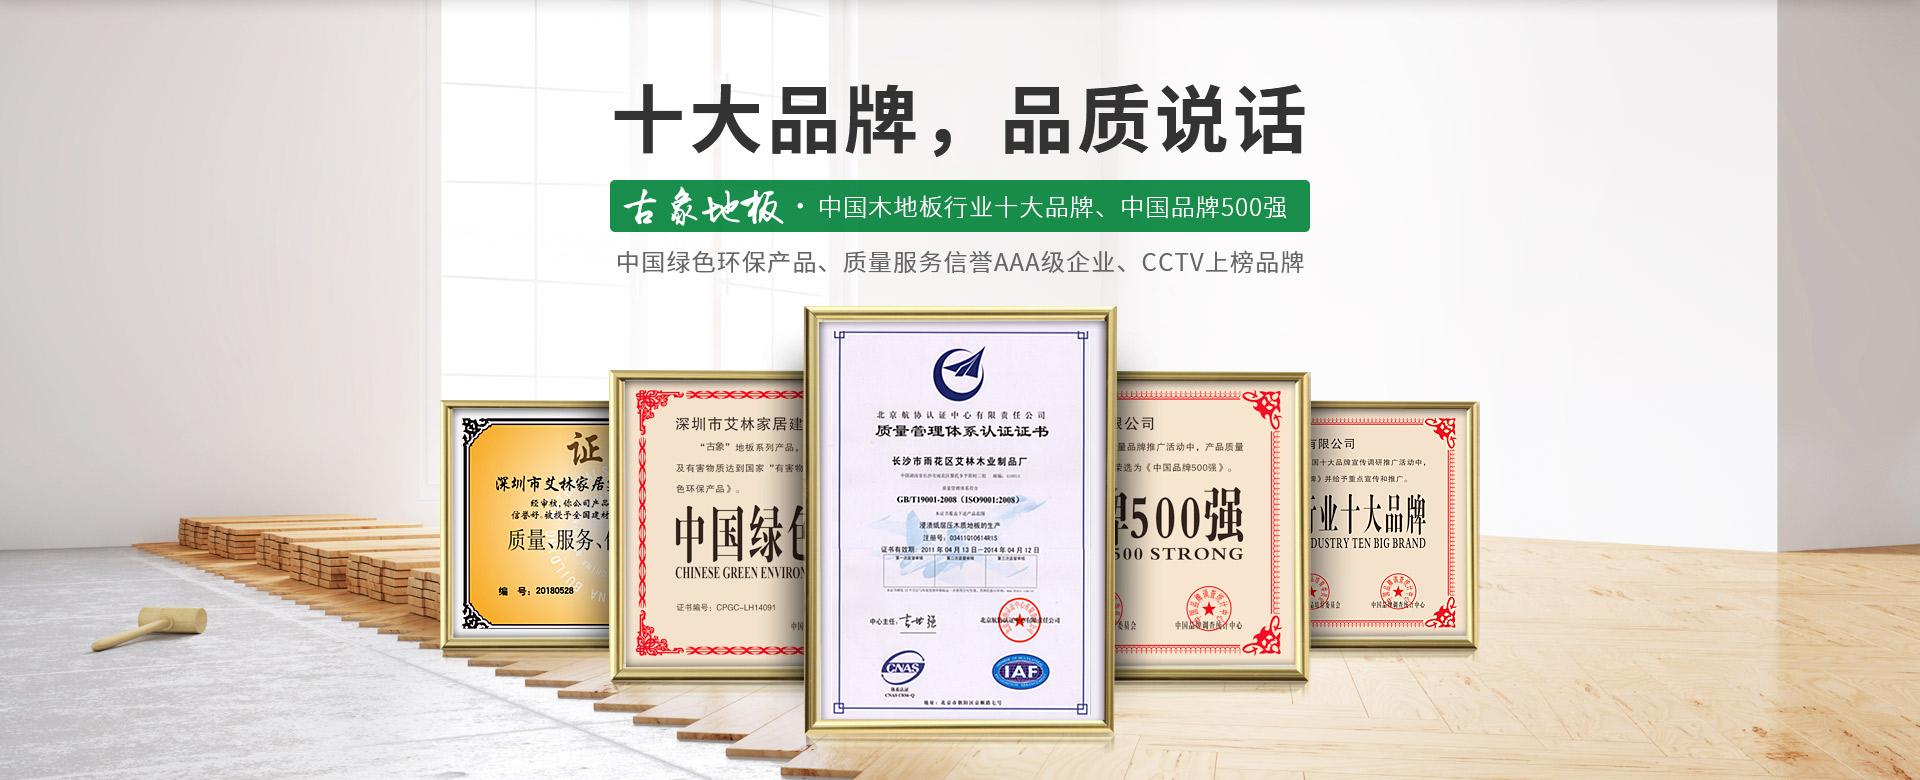 古象地板,中国木地板行业十大品牌,中国品牌500强